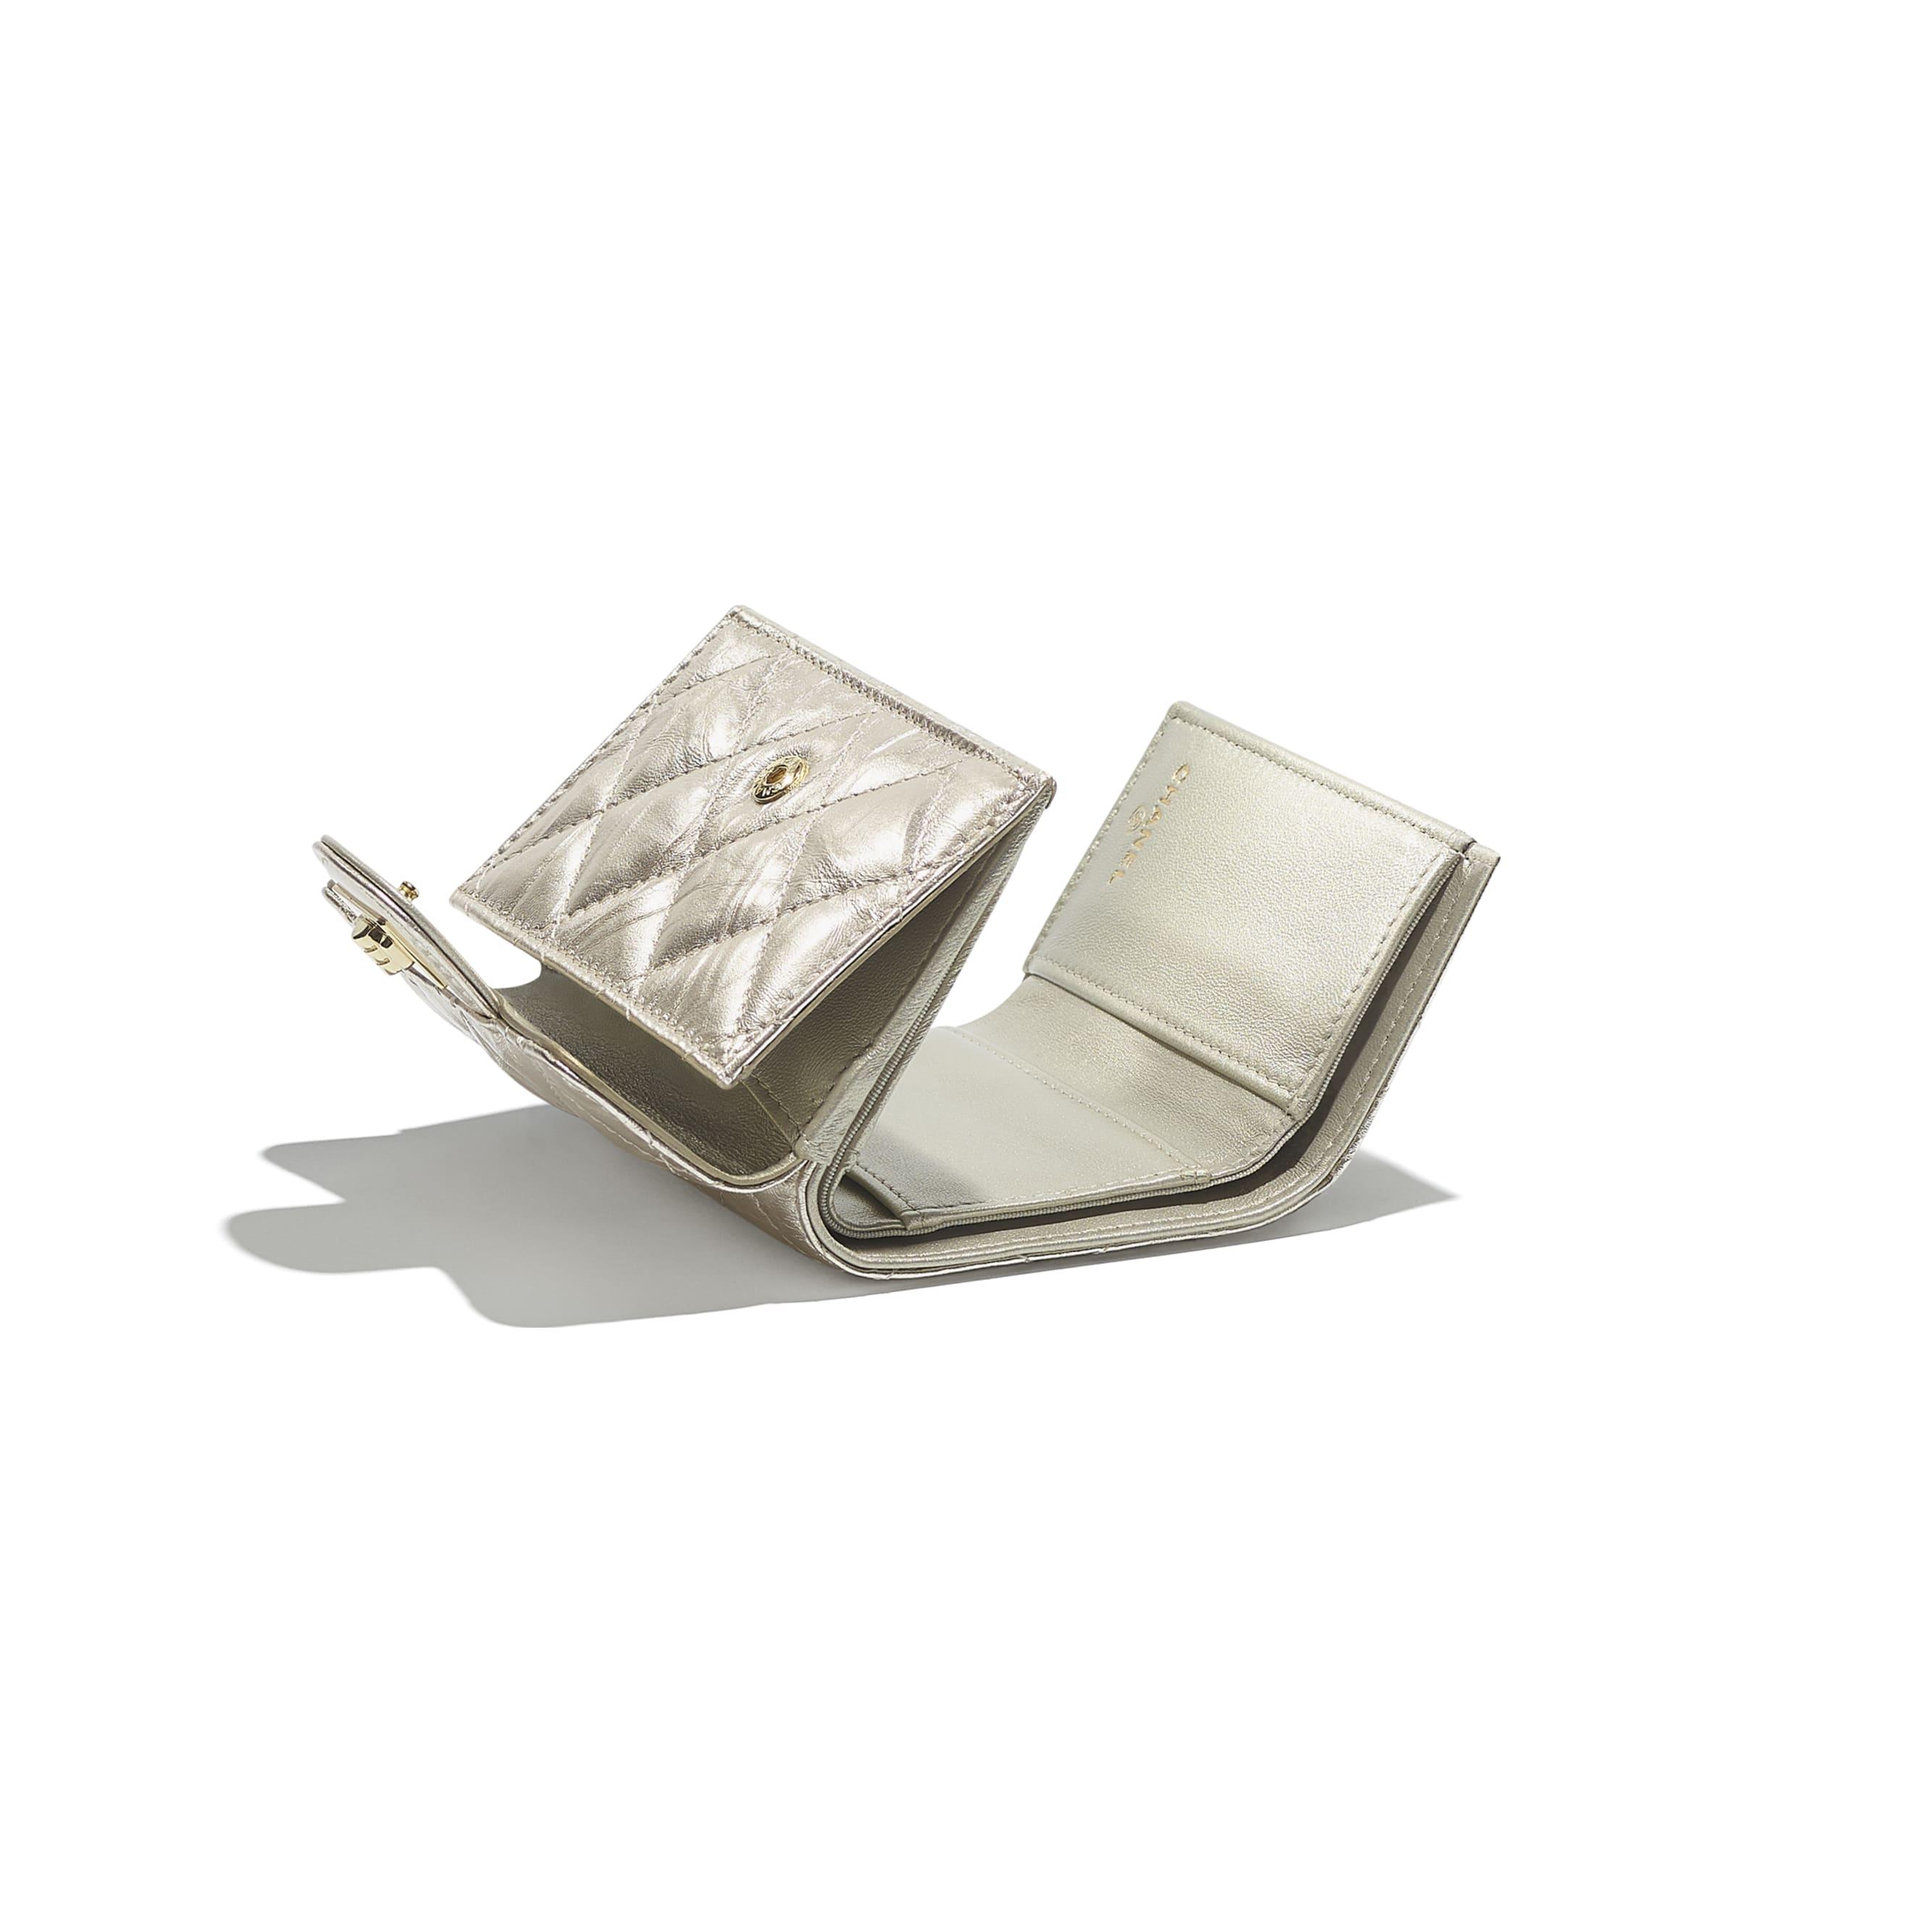 2.55 kleine Flap Wallet - Lichtgoud - Metallic verkreukeld kalfsleer & goudkleurig metaal - CHANEL - Extra weergave - zie versie op standaardgrootte